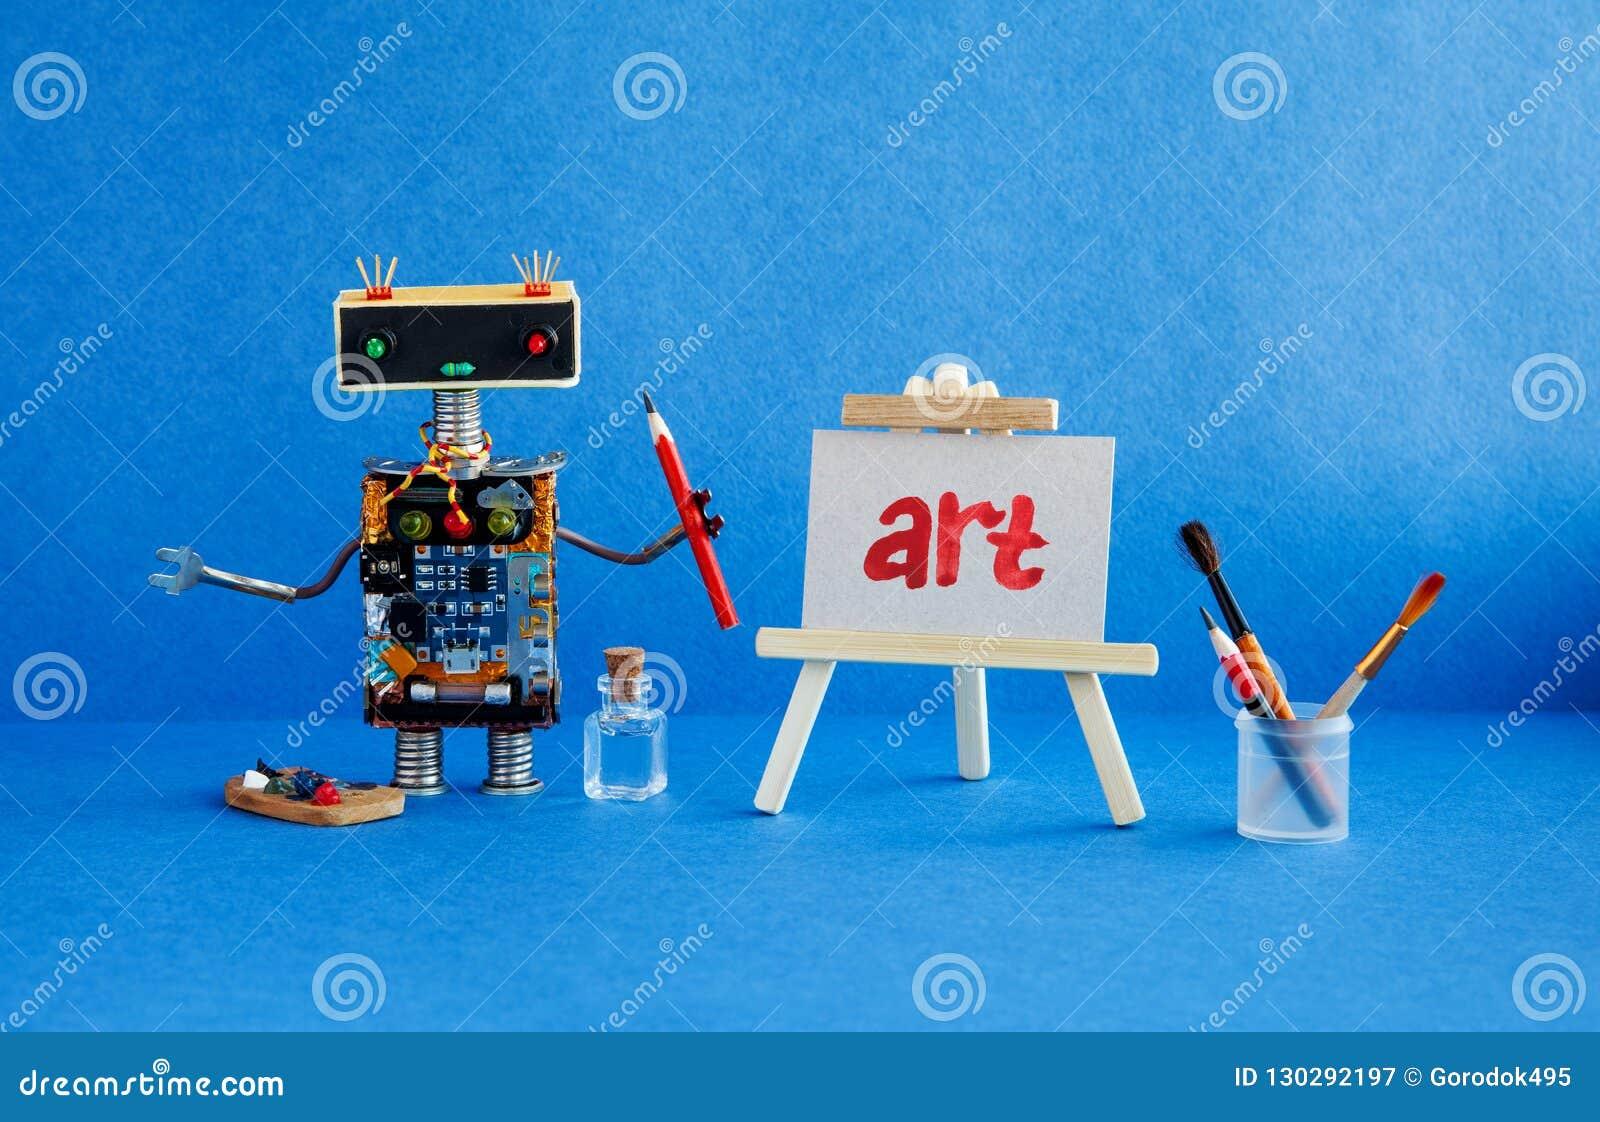 Konst och robotic begrepp för konstgjord intelligens Robotkonstnären, trästaffli och den handskrivna ordkonsten målade rött